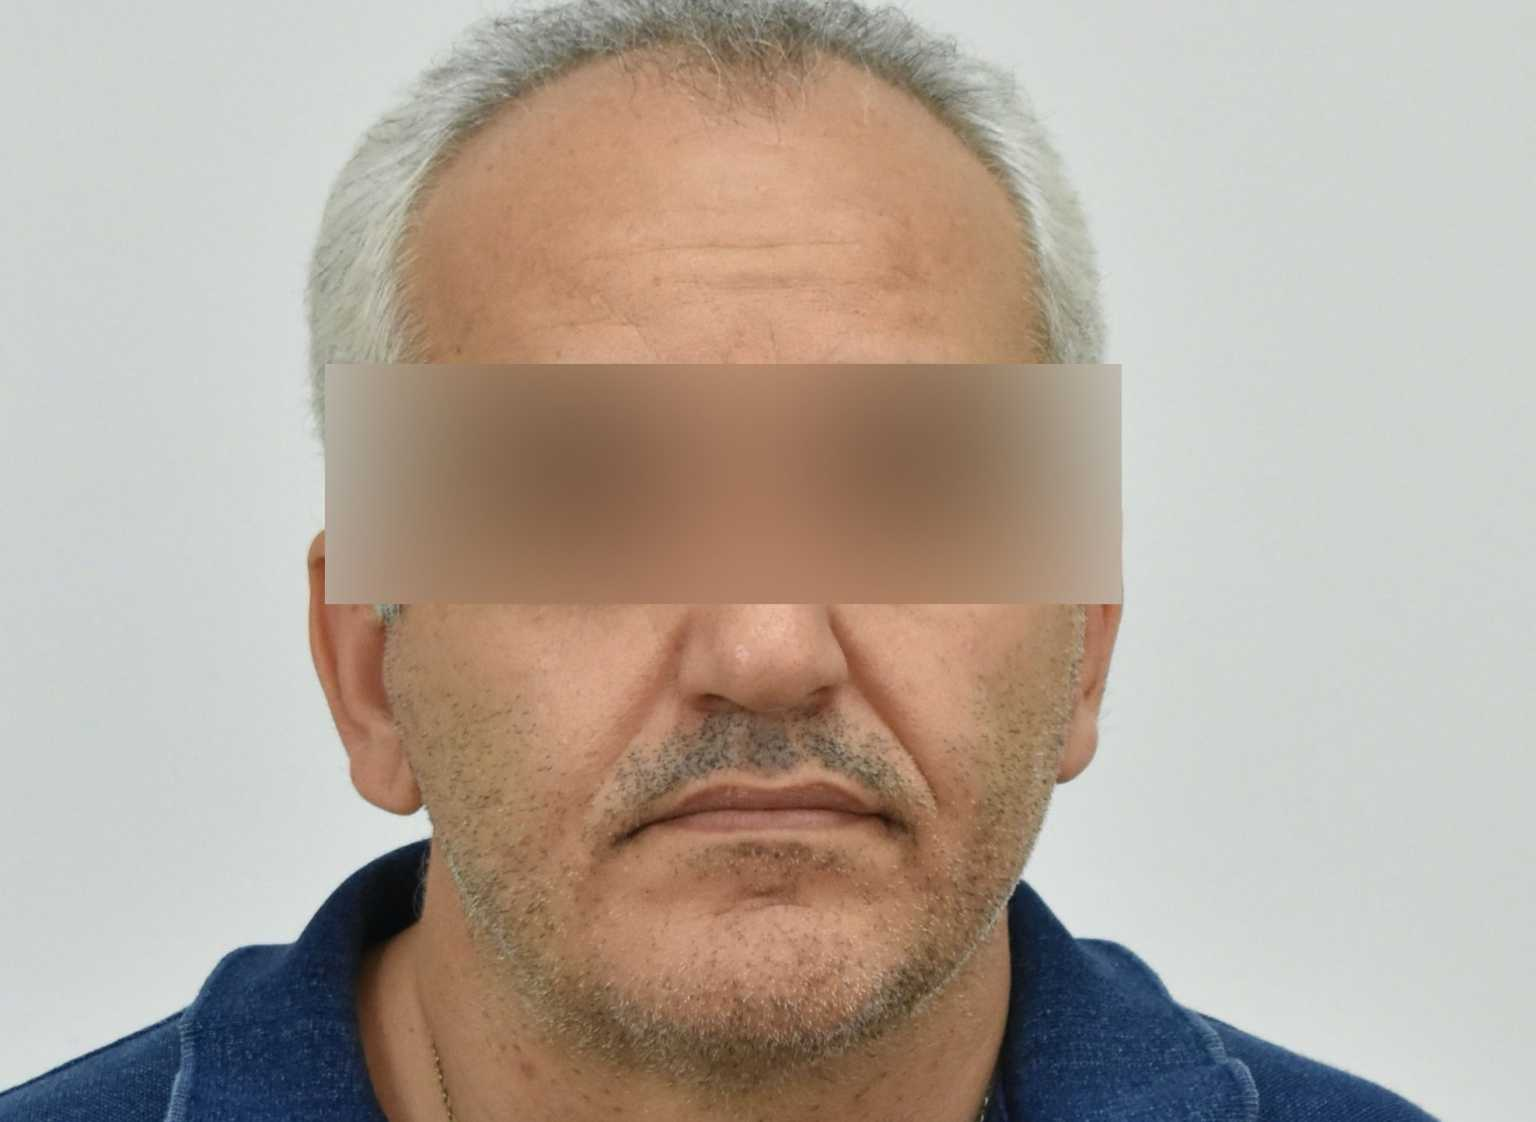 Αποκάλυψη βόμβα: «Πρώην υπουργός κατηγορείται ως συνεργάτης του ψευτογιατρού»